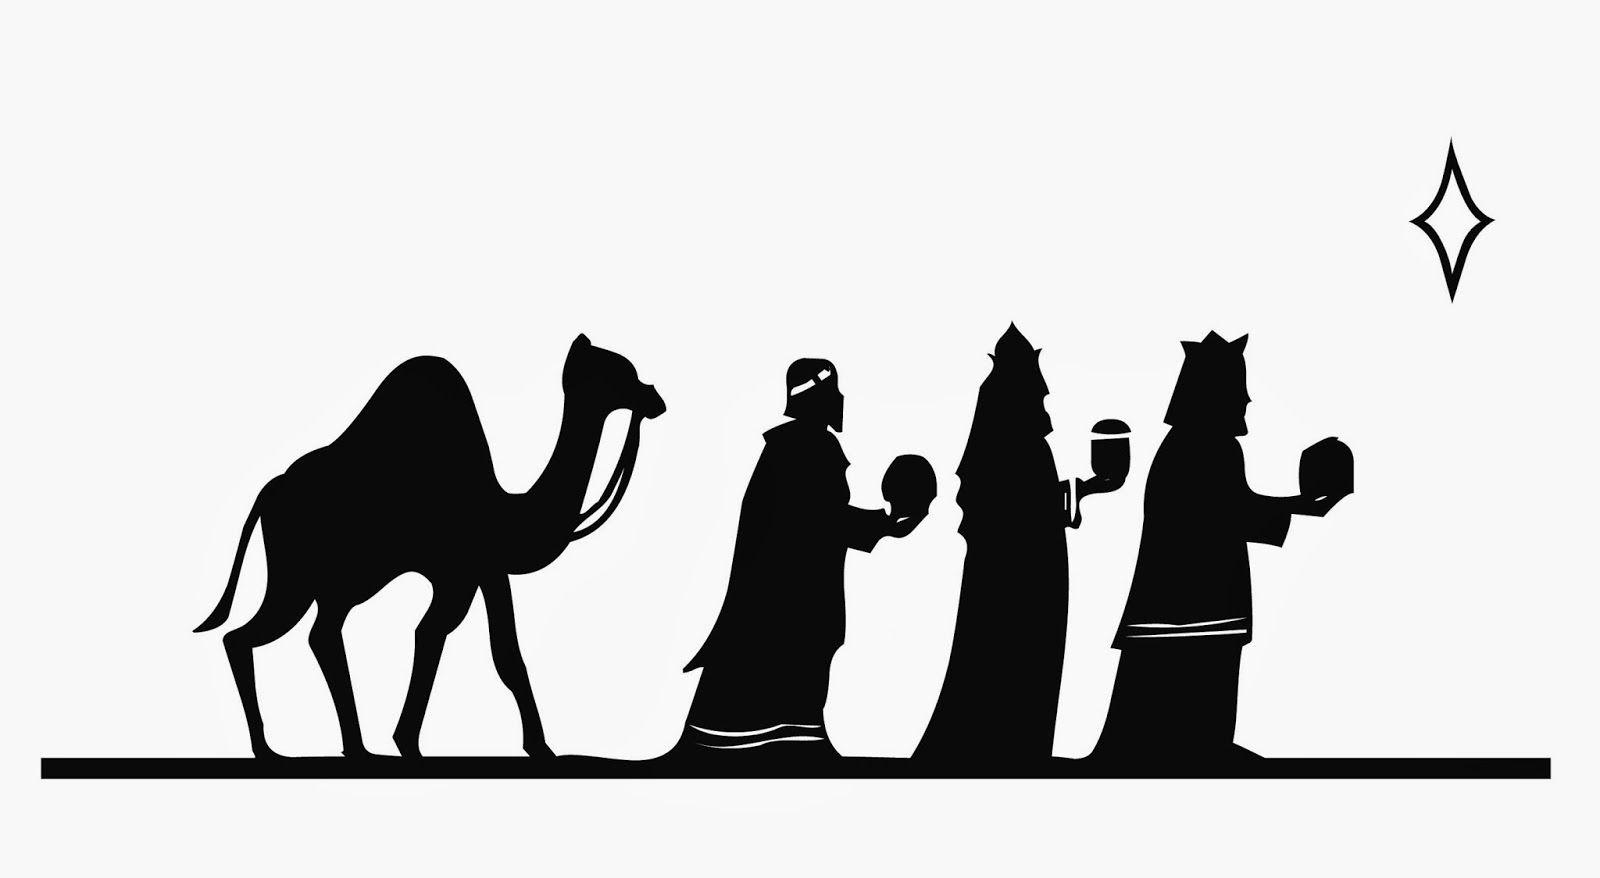 Silueta De Reyes Magos Para Pintar En Cojines O Manteles